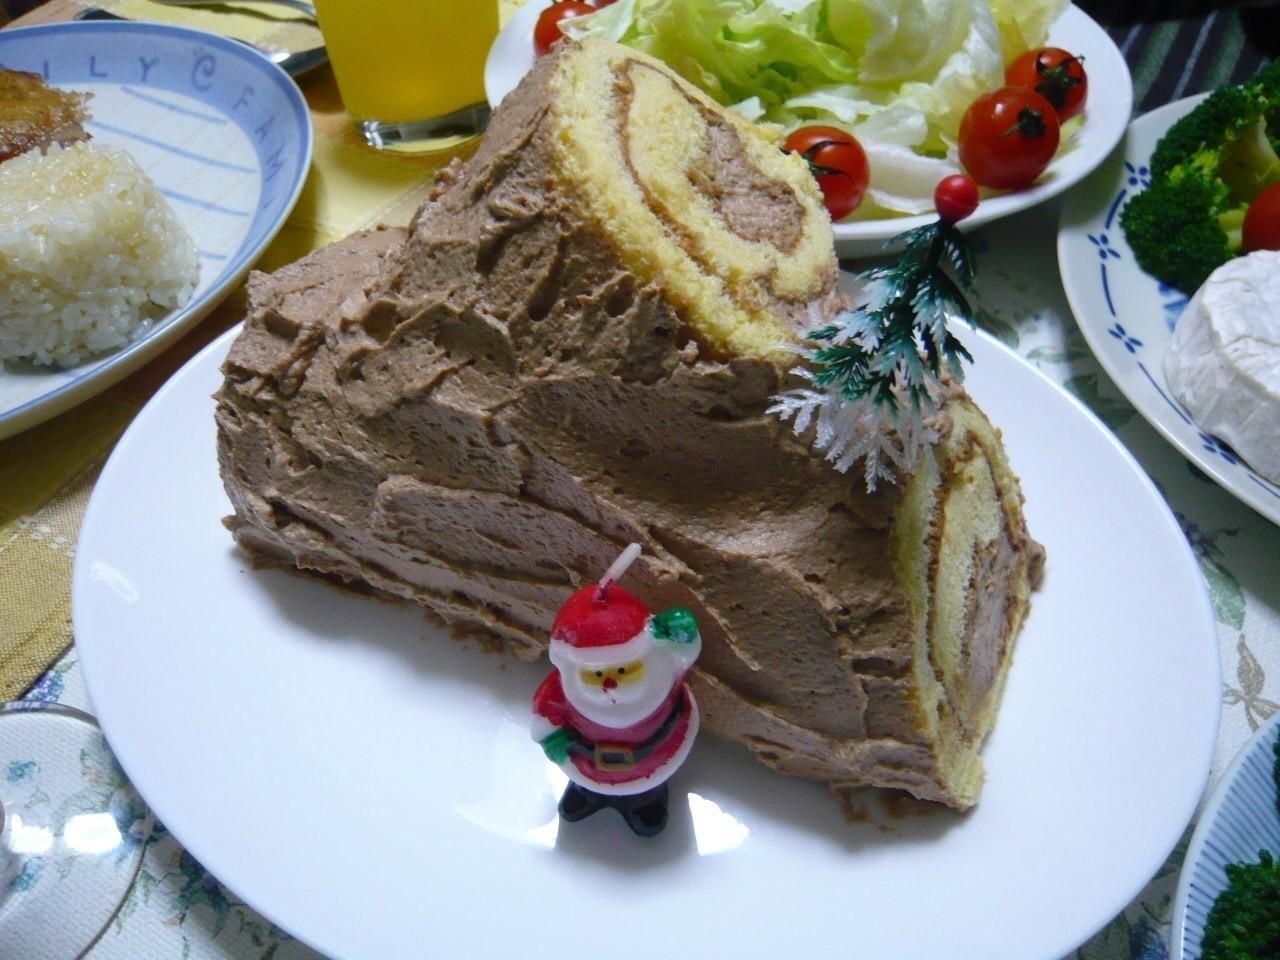 今日の晩御飯はクリスマスディナー!!ケーキはブサイクなブッシュ・ド・ノエル(-_-;)